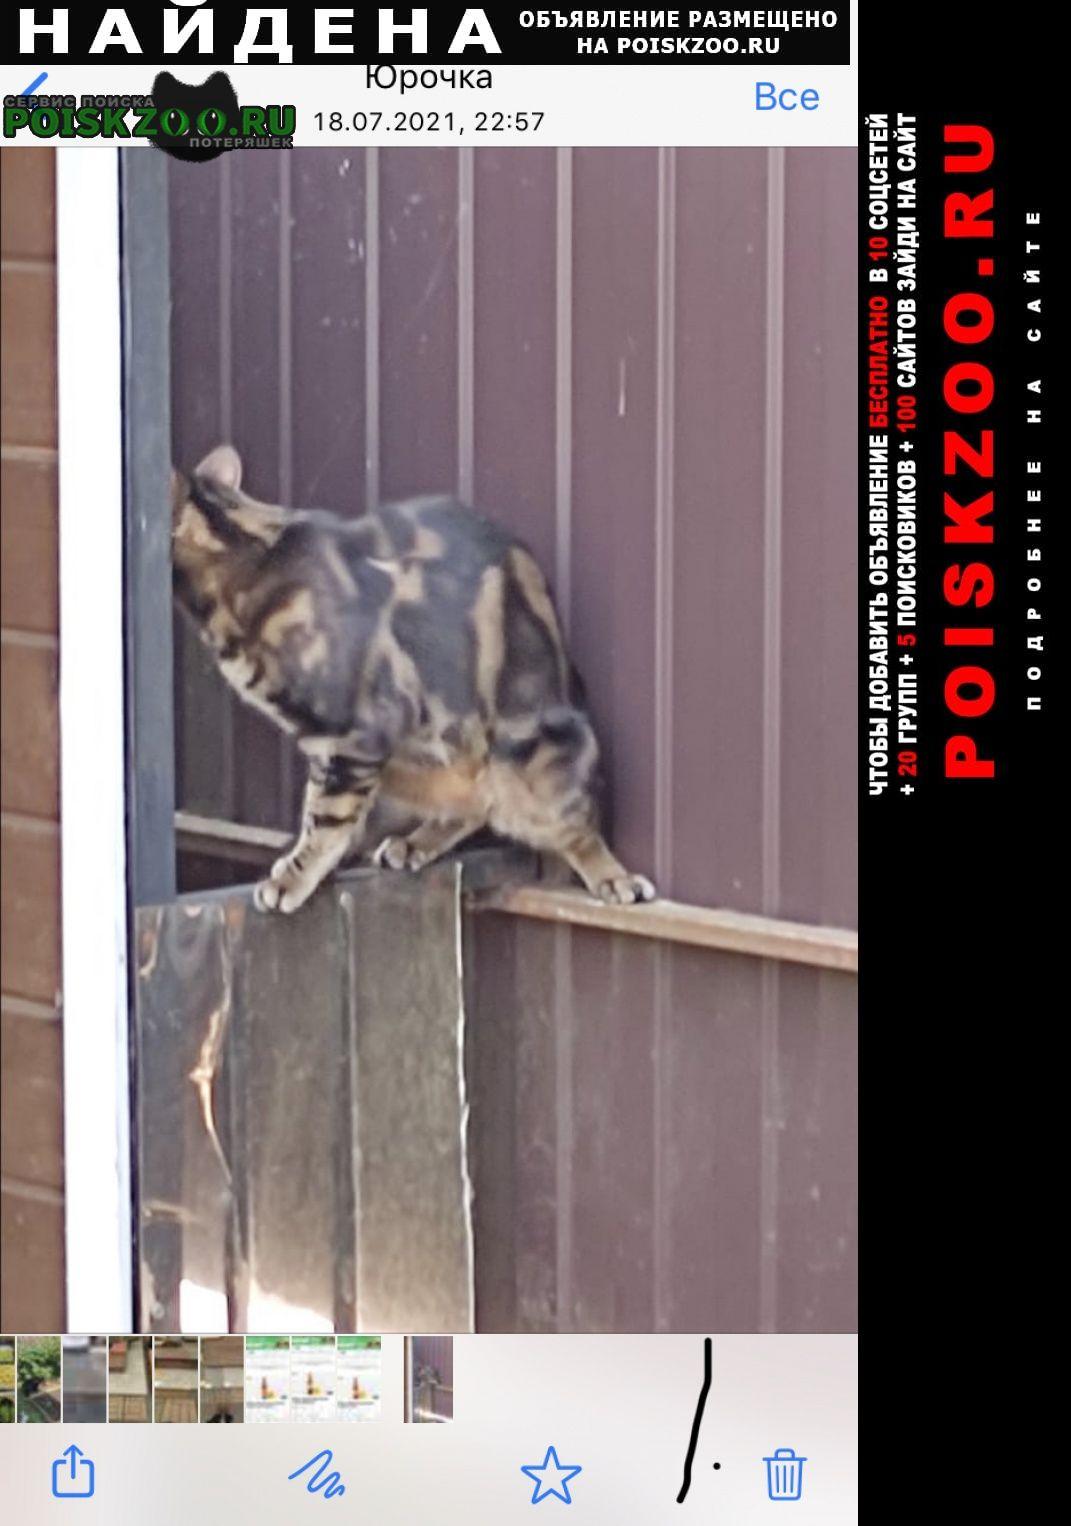 Найдена кошка Всеволожск